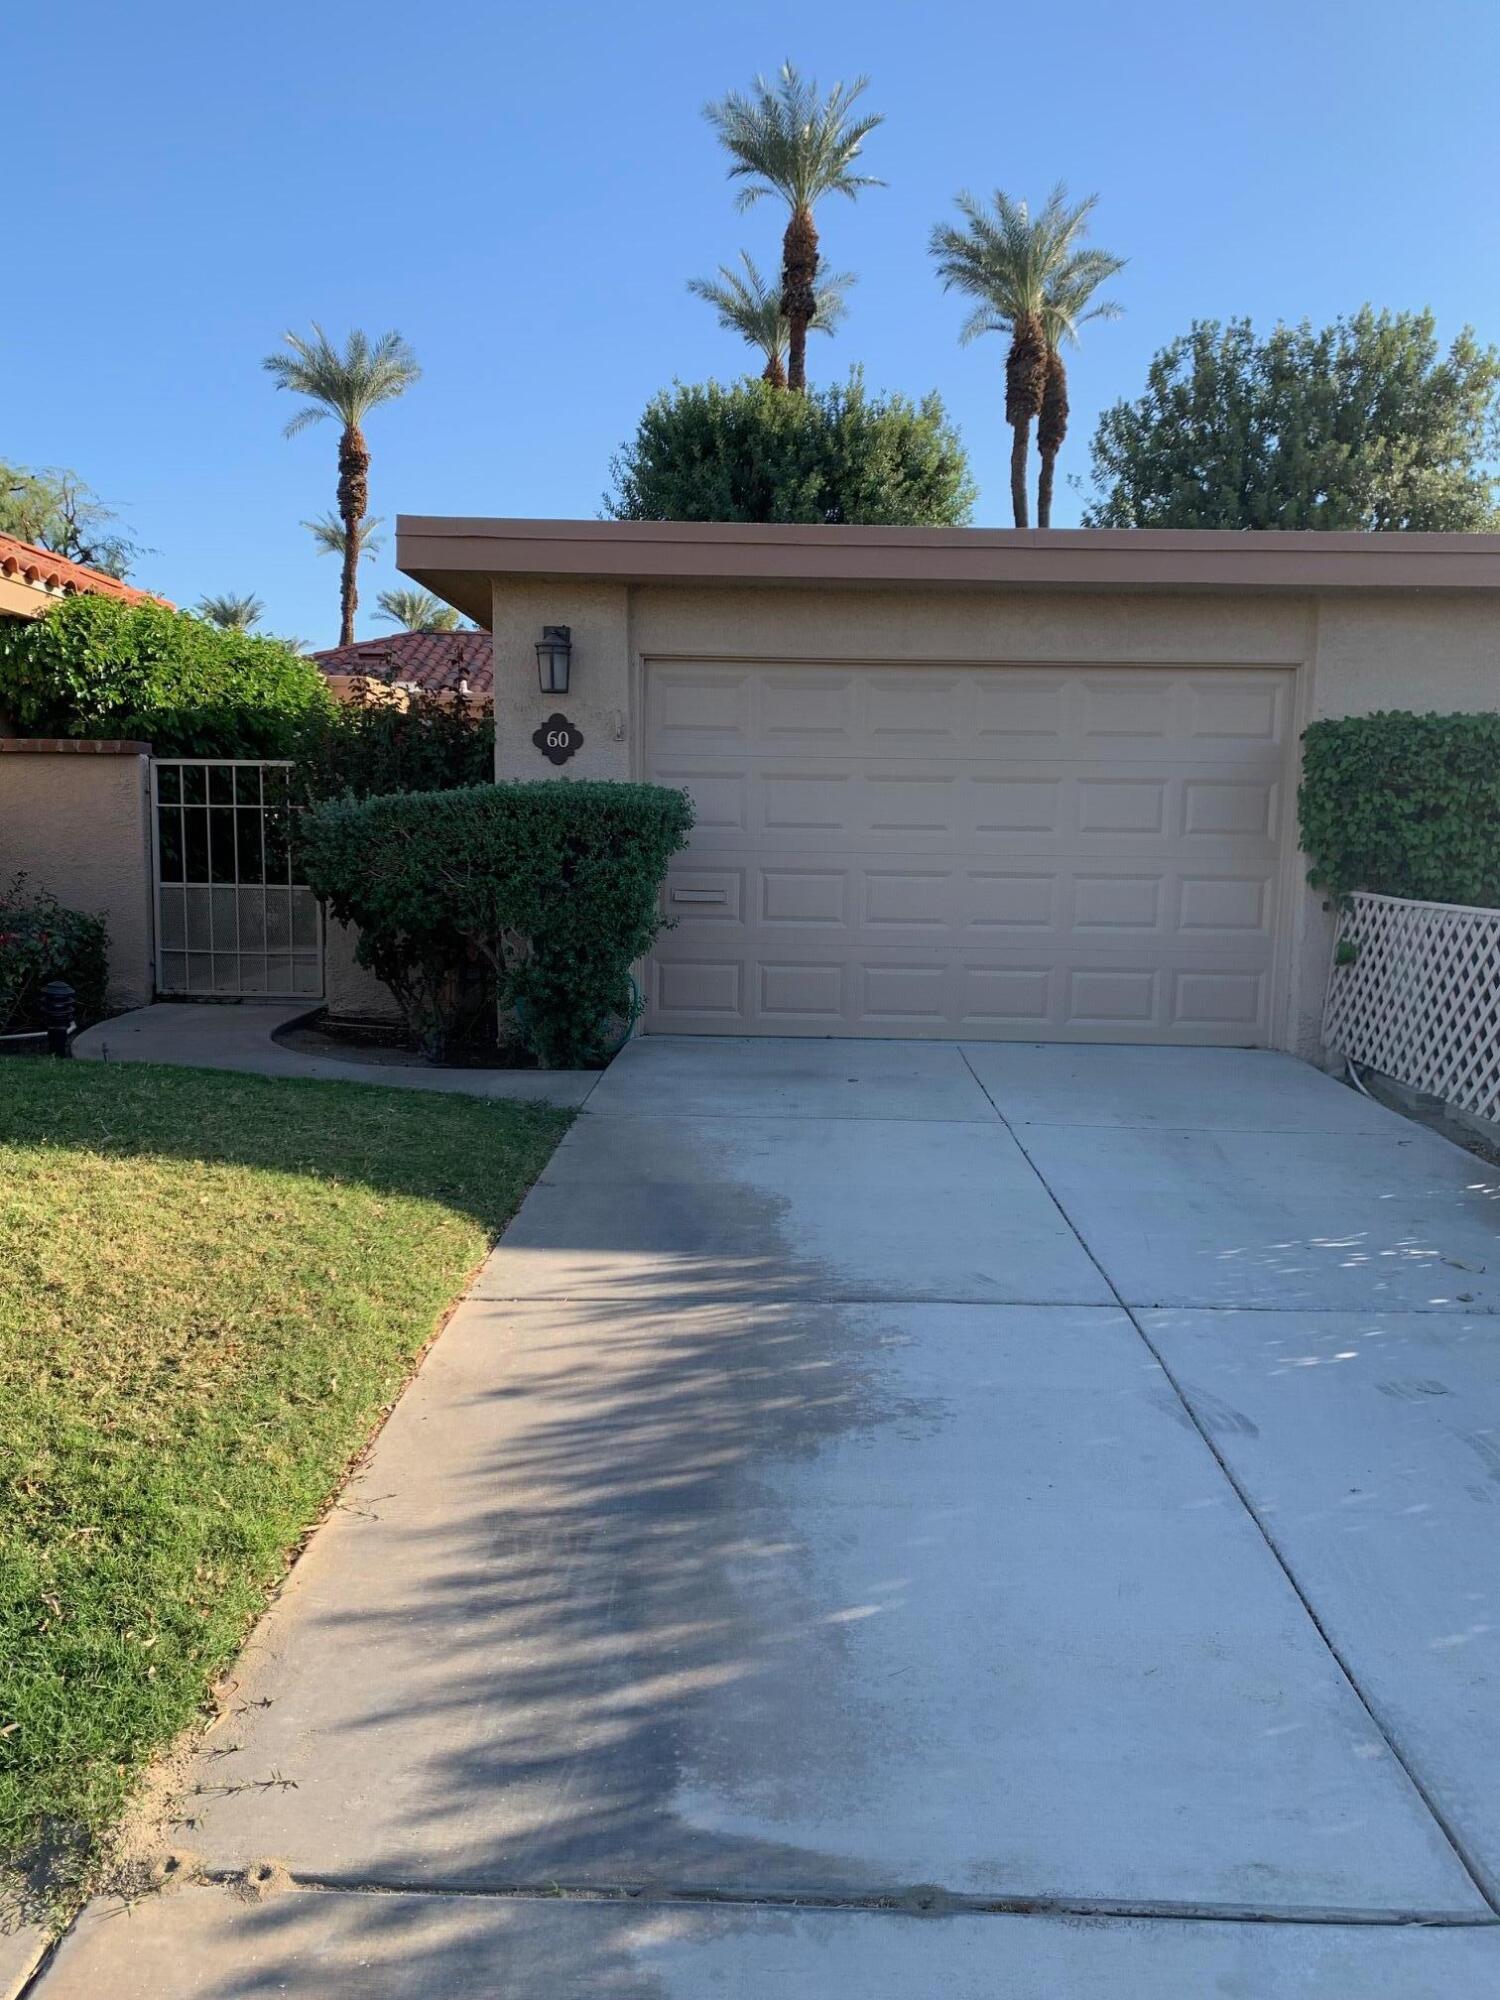 60 La Ronda Drive, Rancho Mirage, CA 92270